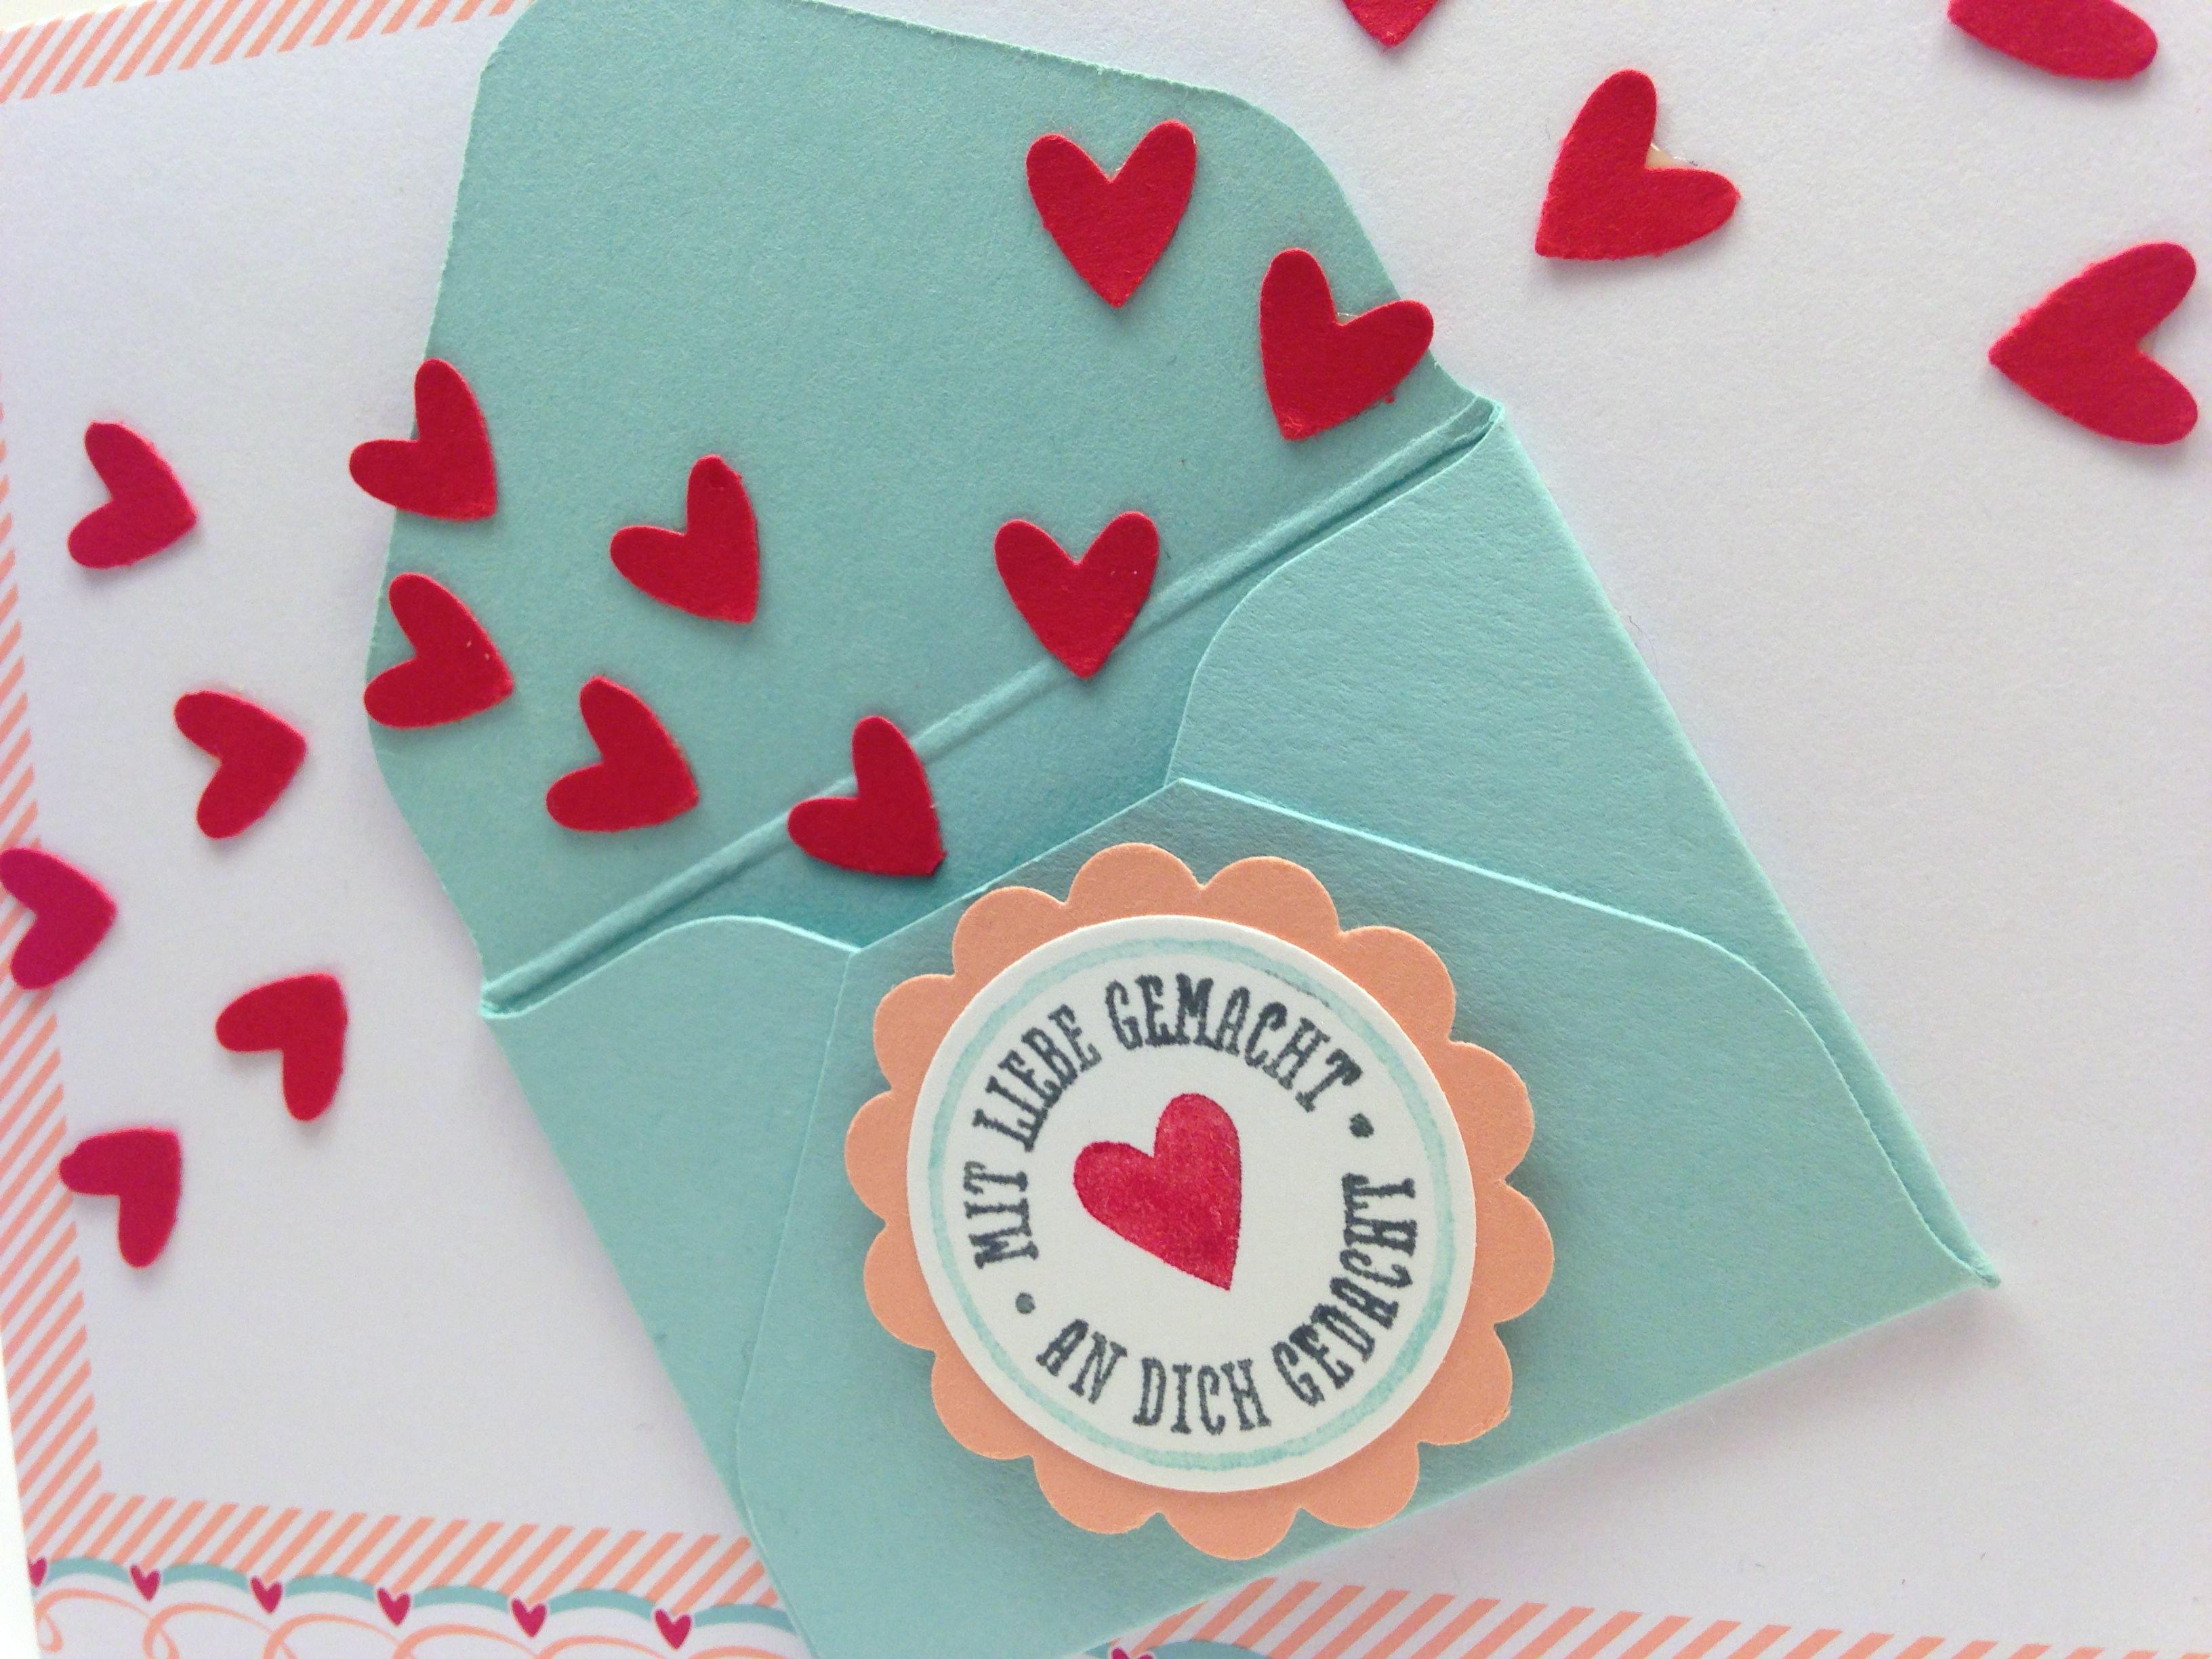 Valentinskarten-Set mit Liebe gemacht – die Zweite